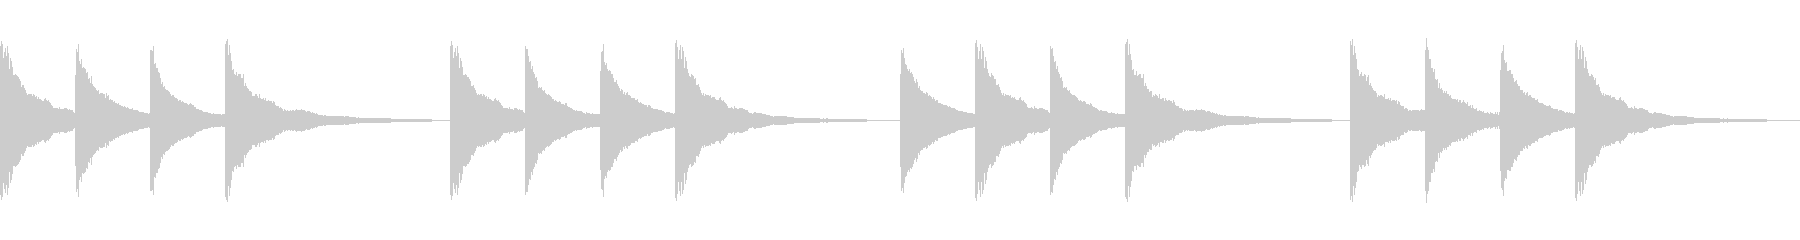 学校の始業・終業チャイム(鐘)の未再生の波形